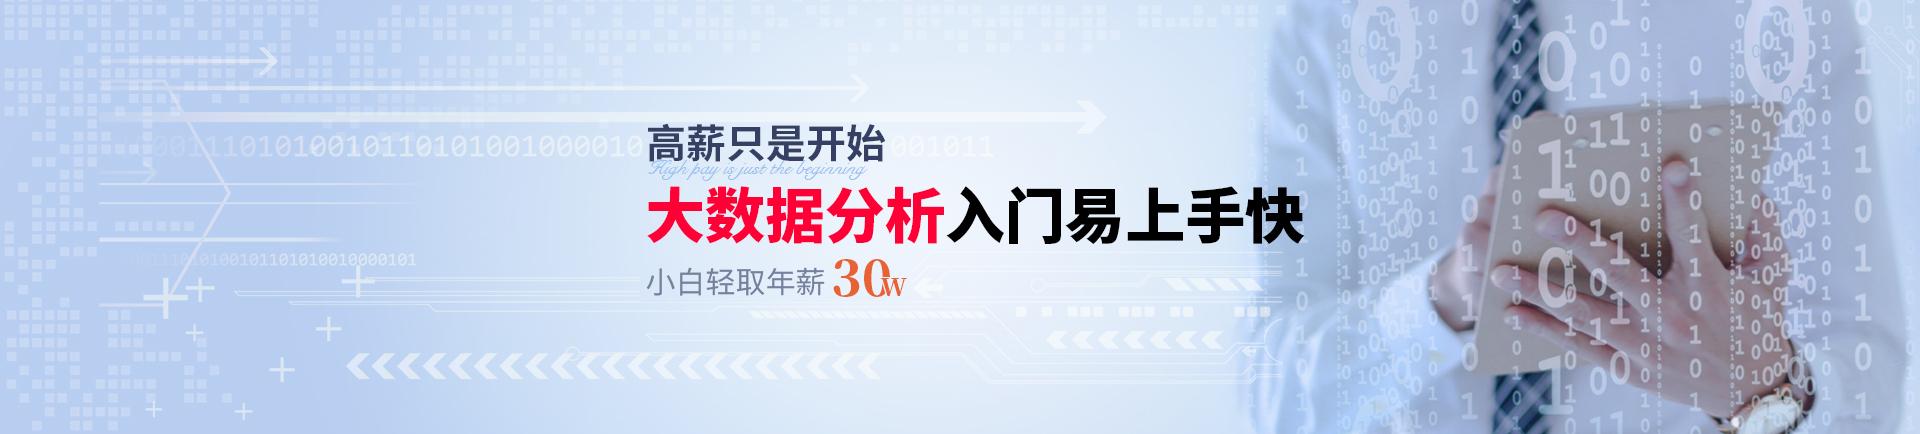 大数�分�入门易上手快 �白轻�年薪30W-zhejiang